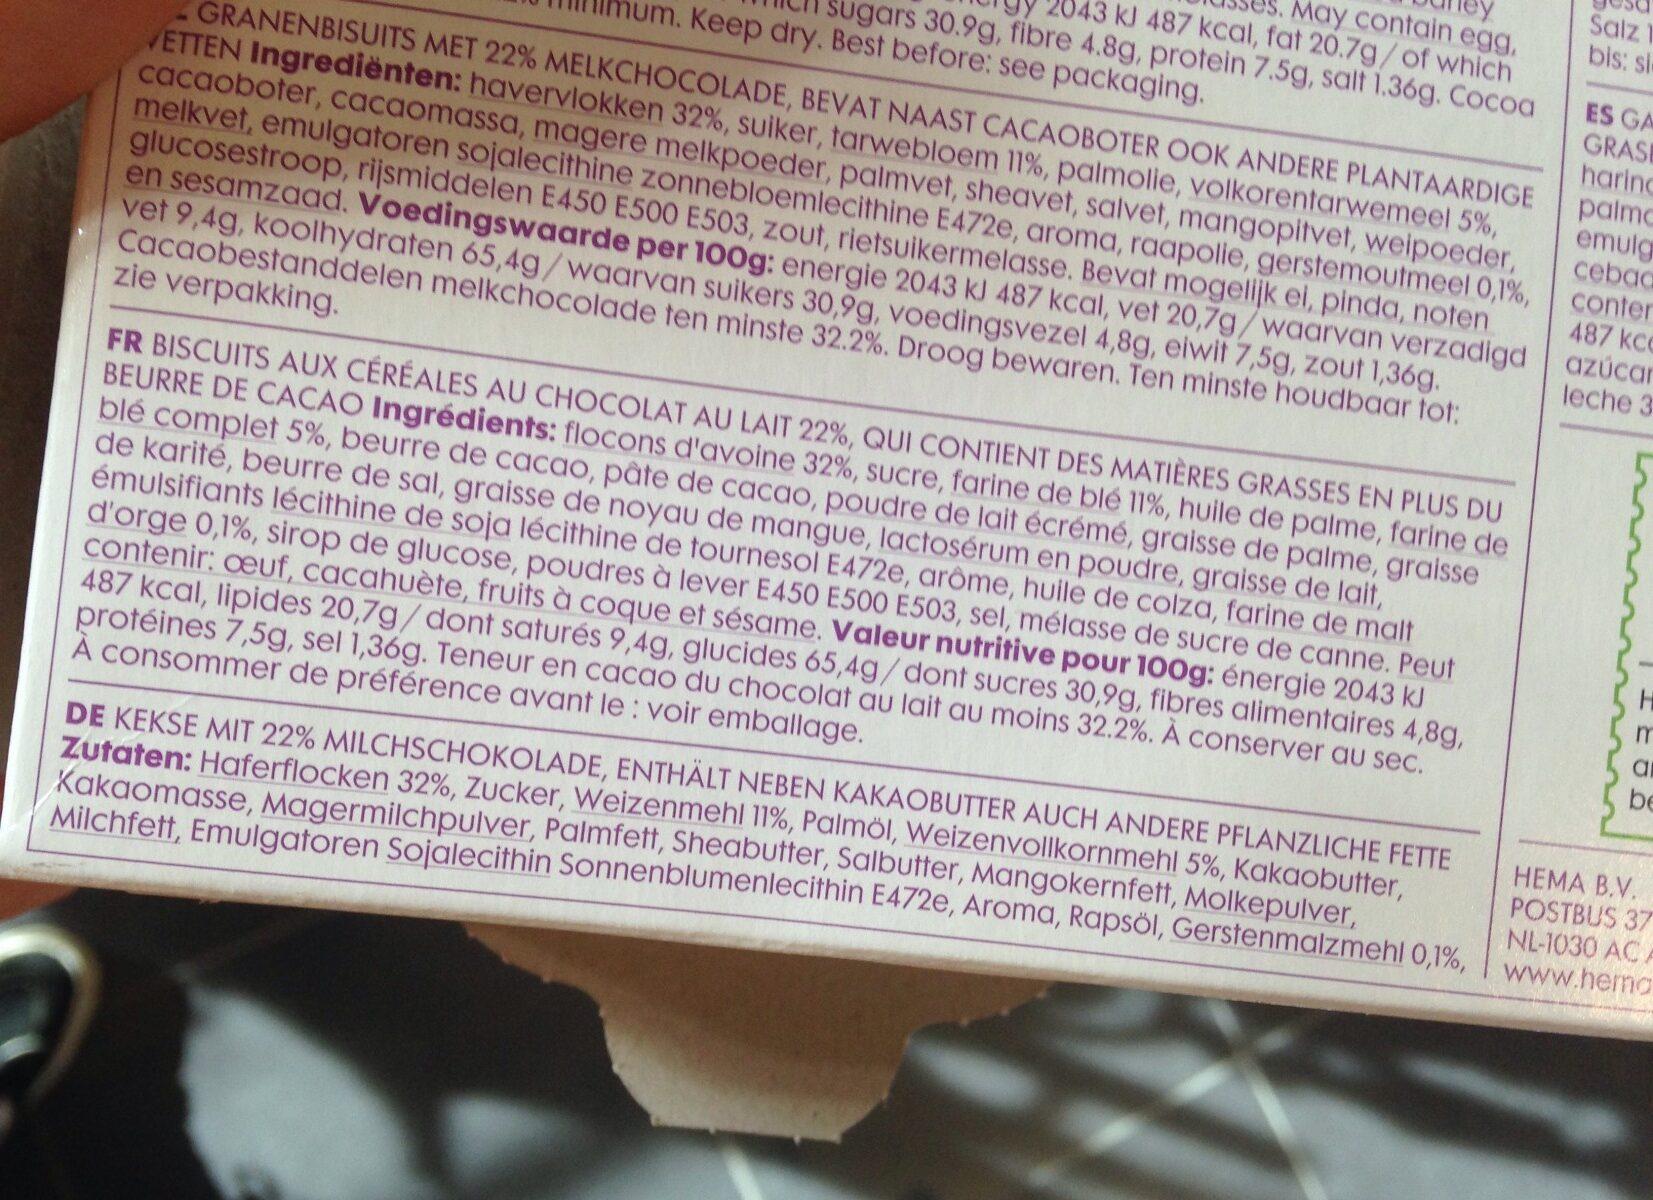 Biscuits aux céréales au chocolat au lait - Ingrediënten